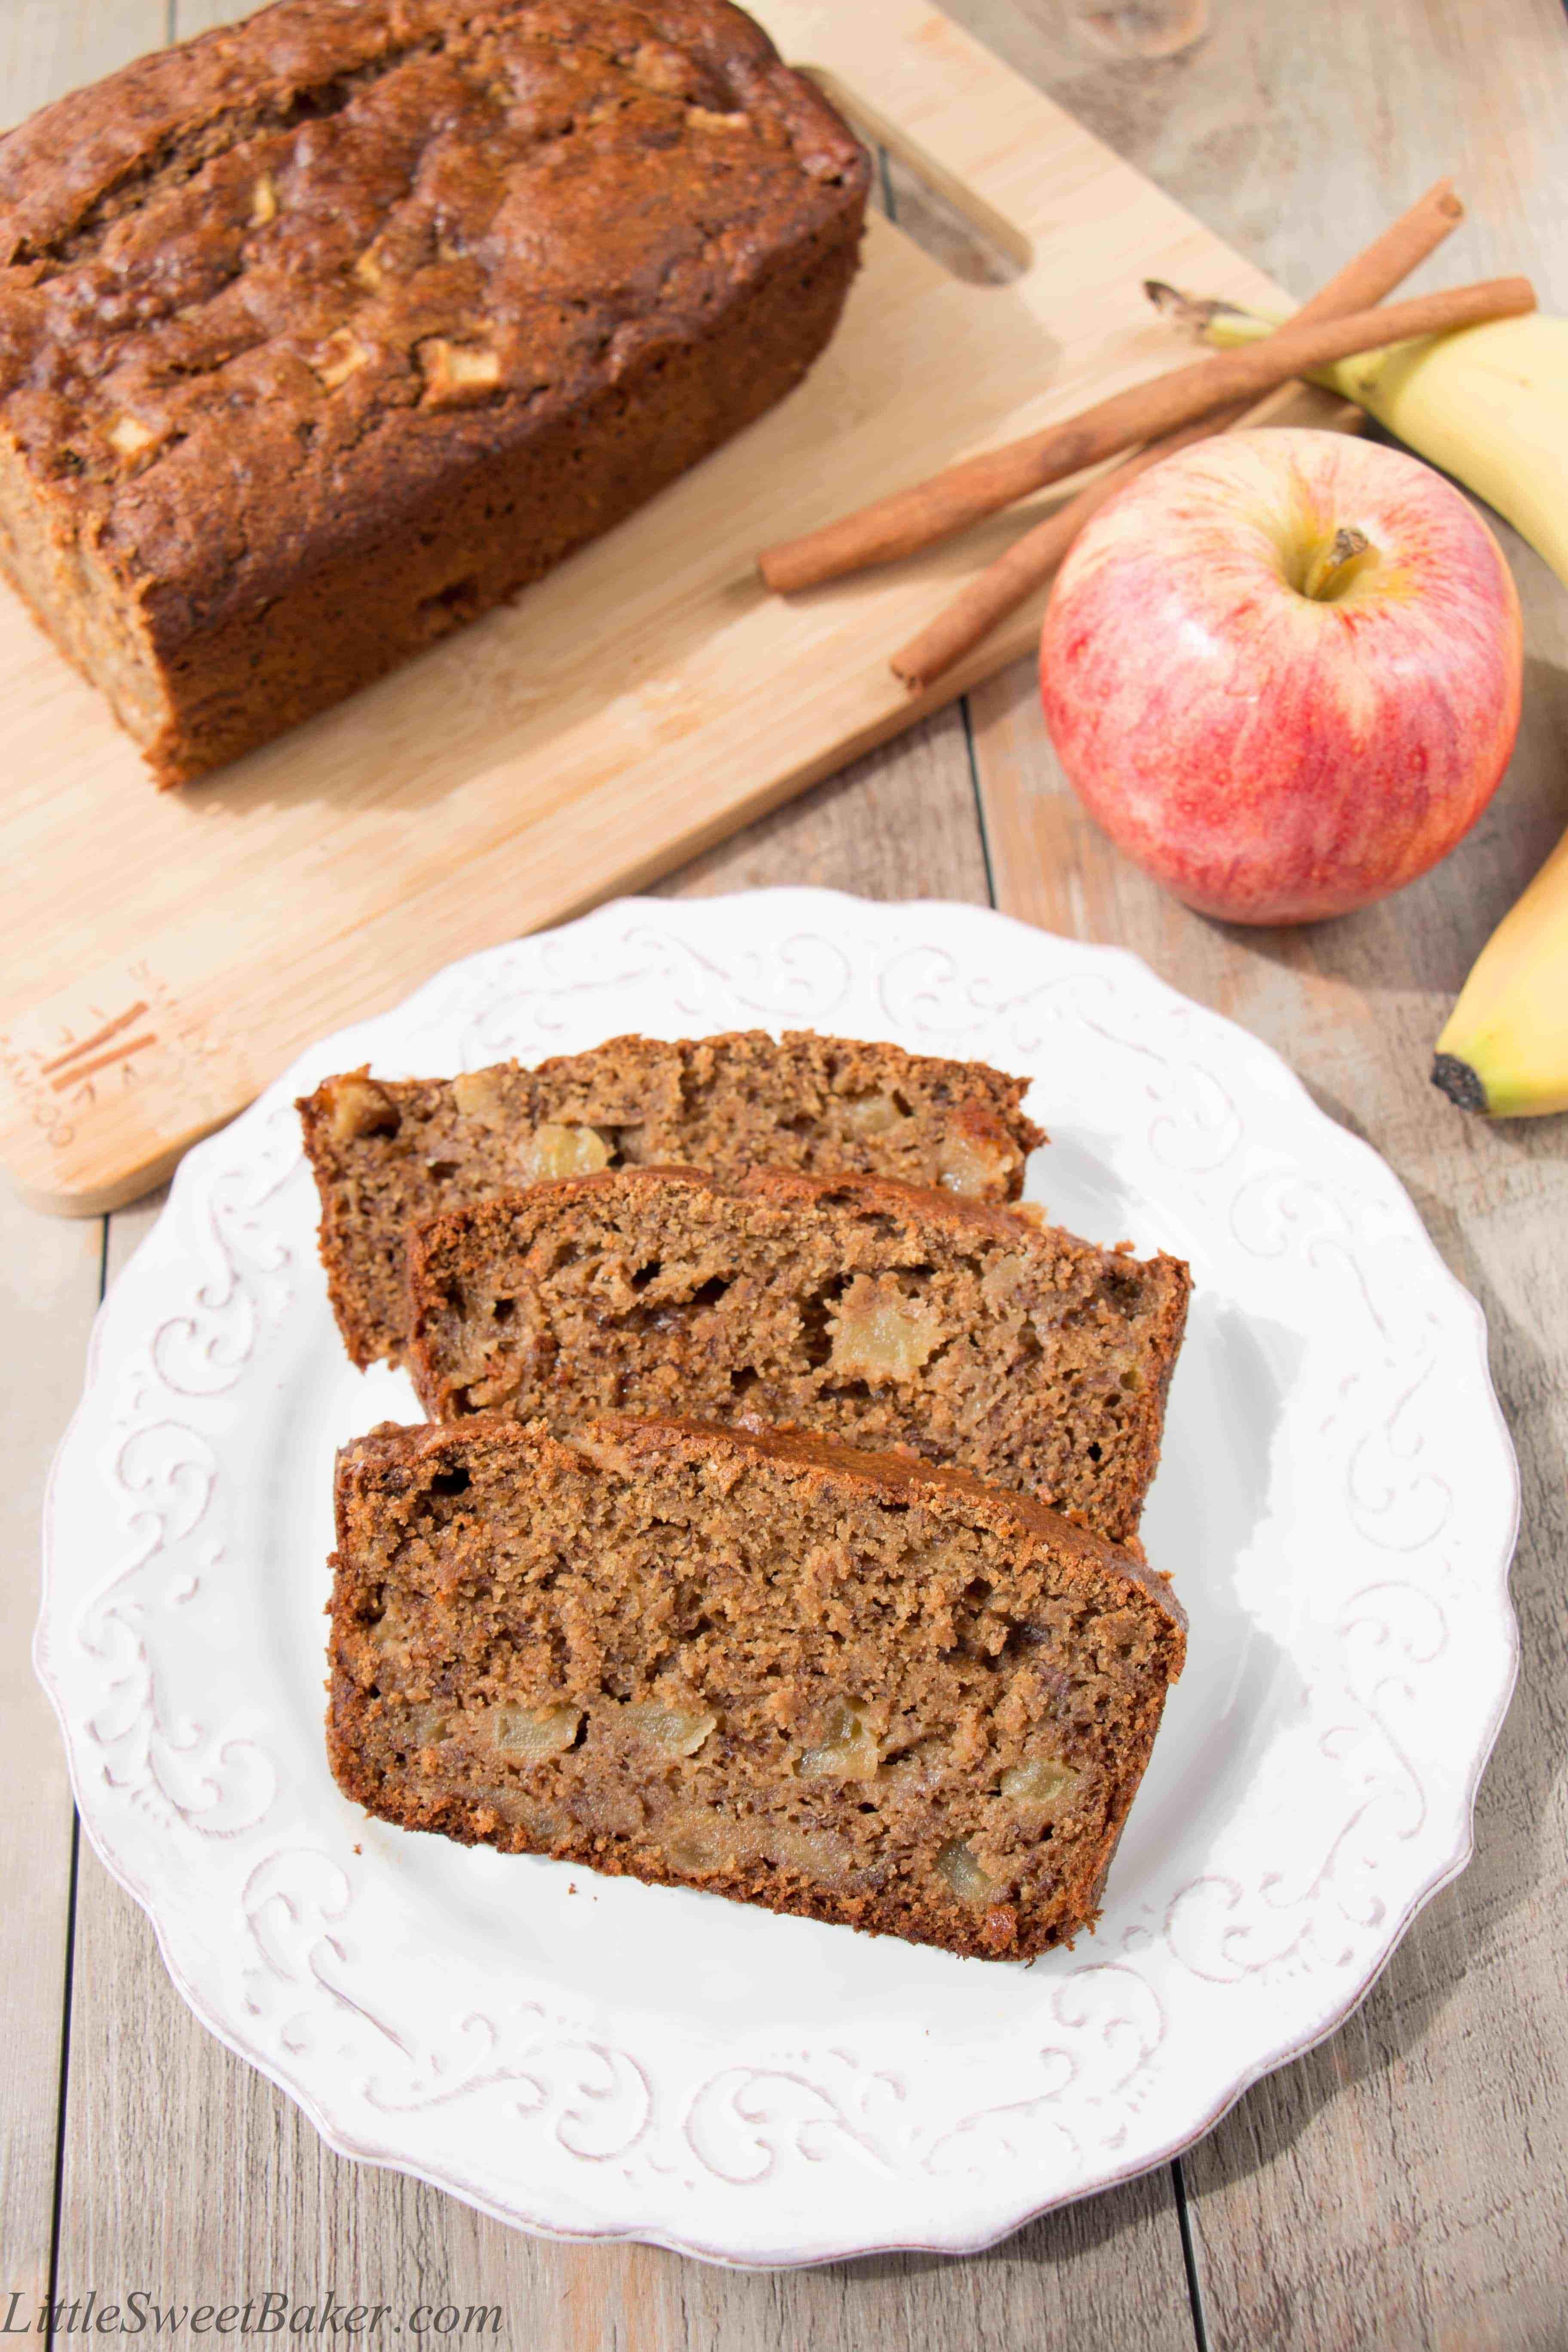 Apple Banana Bread Recipe Healthy  apple banana recipes healthy